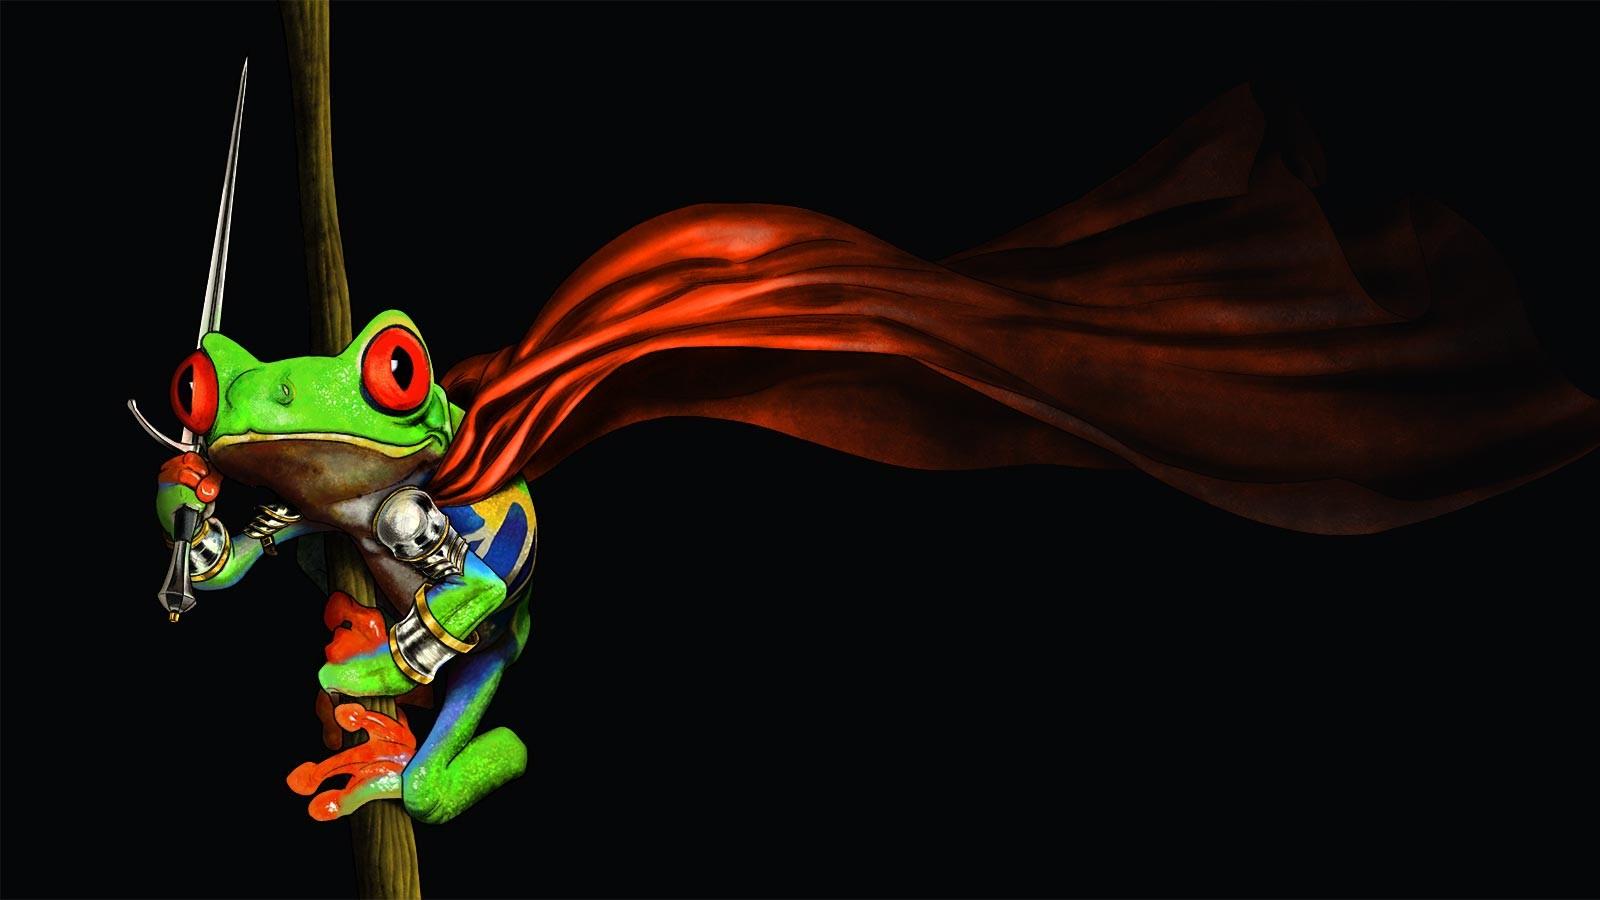 Sfondi : rosso, opera d'arte, rana, anfibio, ARTE, oscurità, 1600x900 px,  Cavalieri, sfondo del computer, vertebrato, personaggio fittizio,  raganella, organismo, Toad il Paladino, Rane di albero occhi 1600x900 -  4kWallpaper - 836254 -